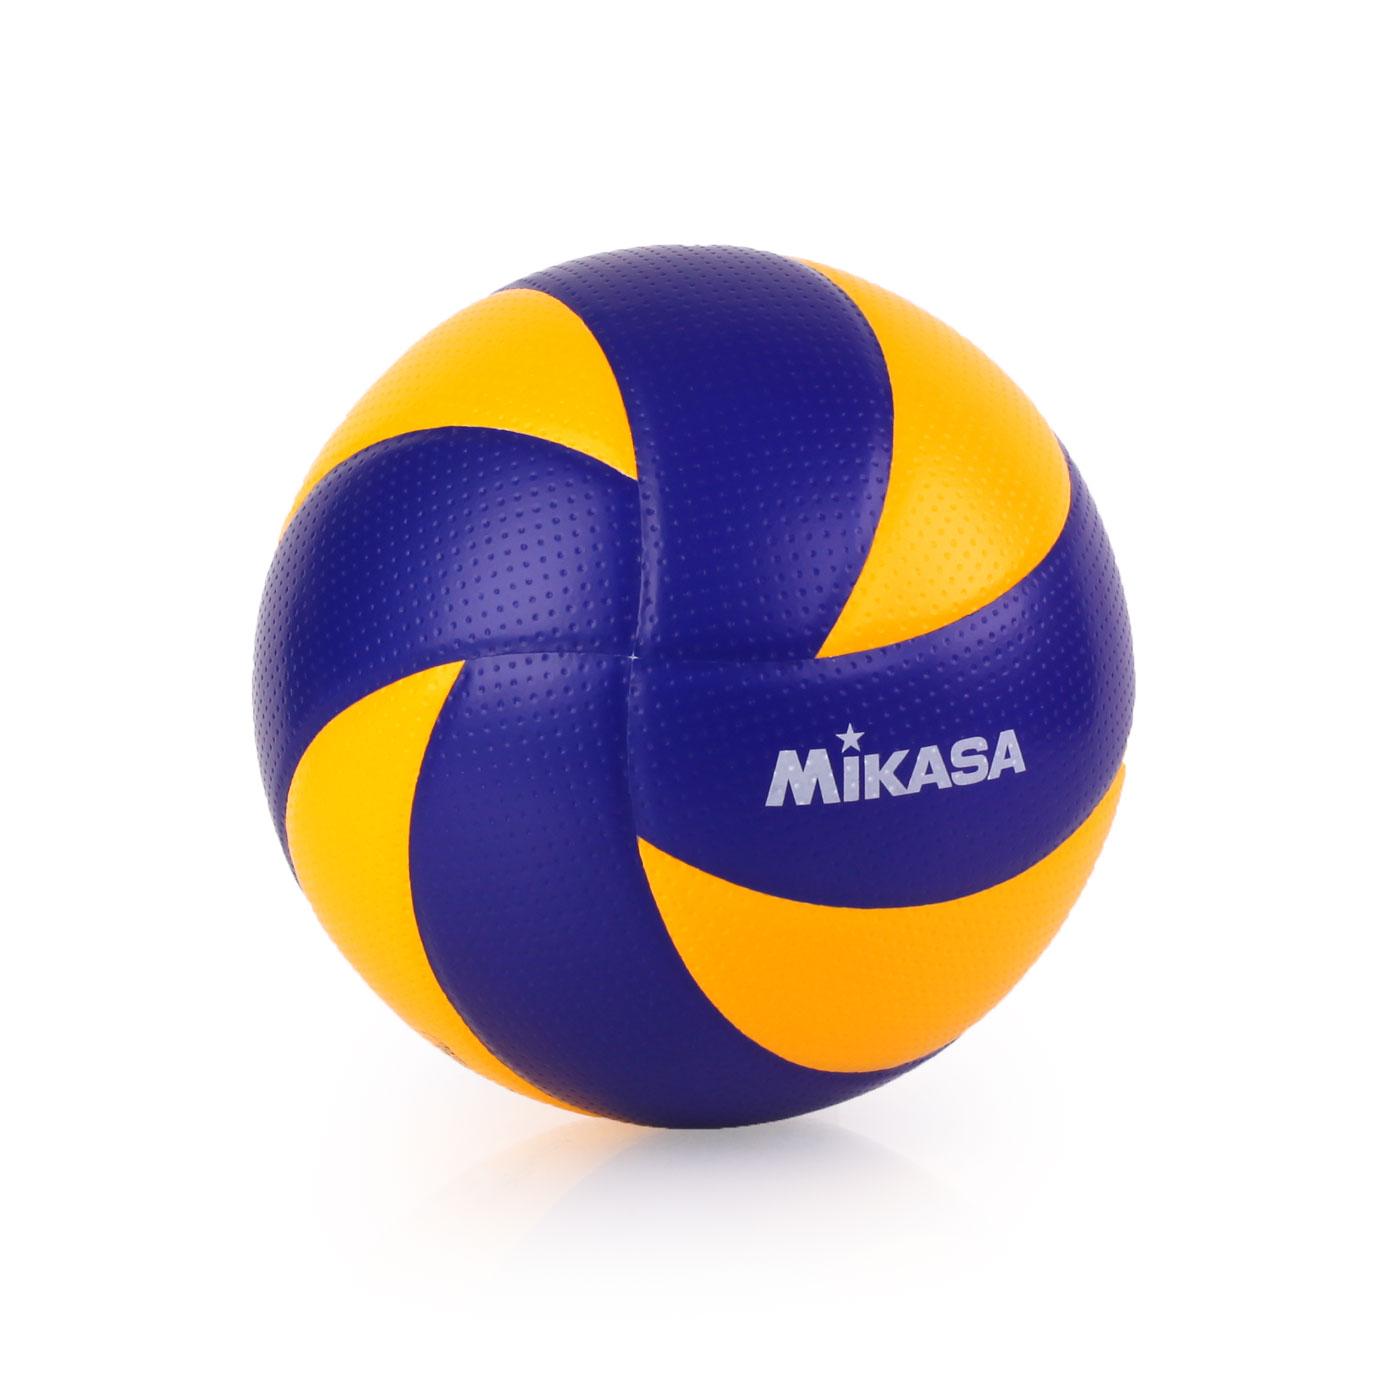 MIKASA 超纖皮製練習型排球 #5 MVA300 - 藍黃